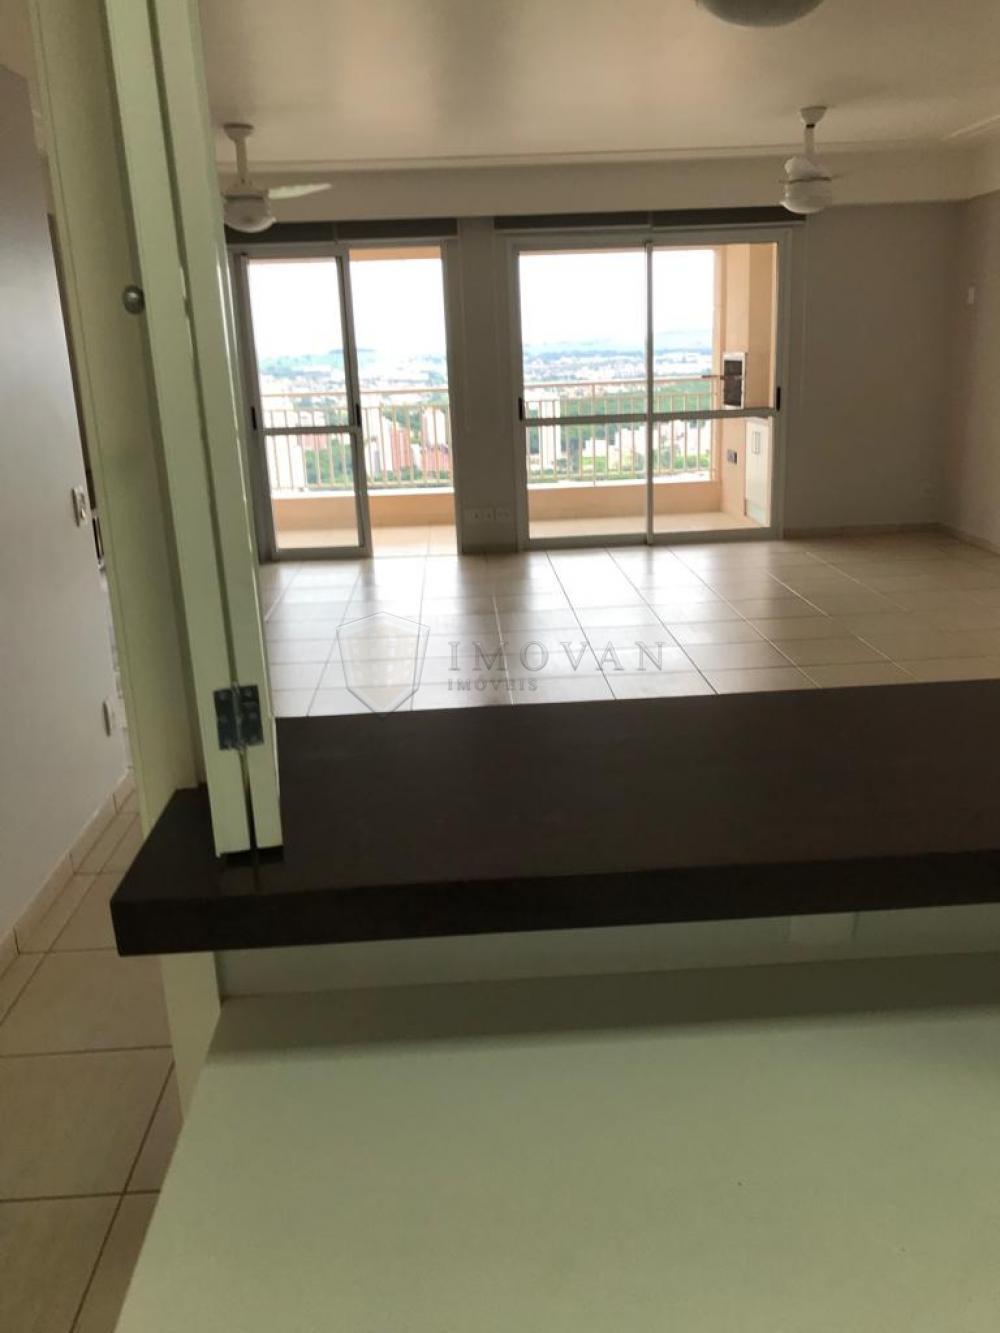 Alugar Apartamento / Padrão em Ribeirão Preto apenas R$ 2.700,00 - Foto 12